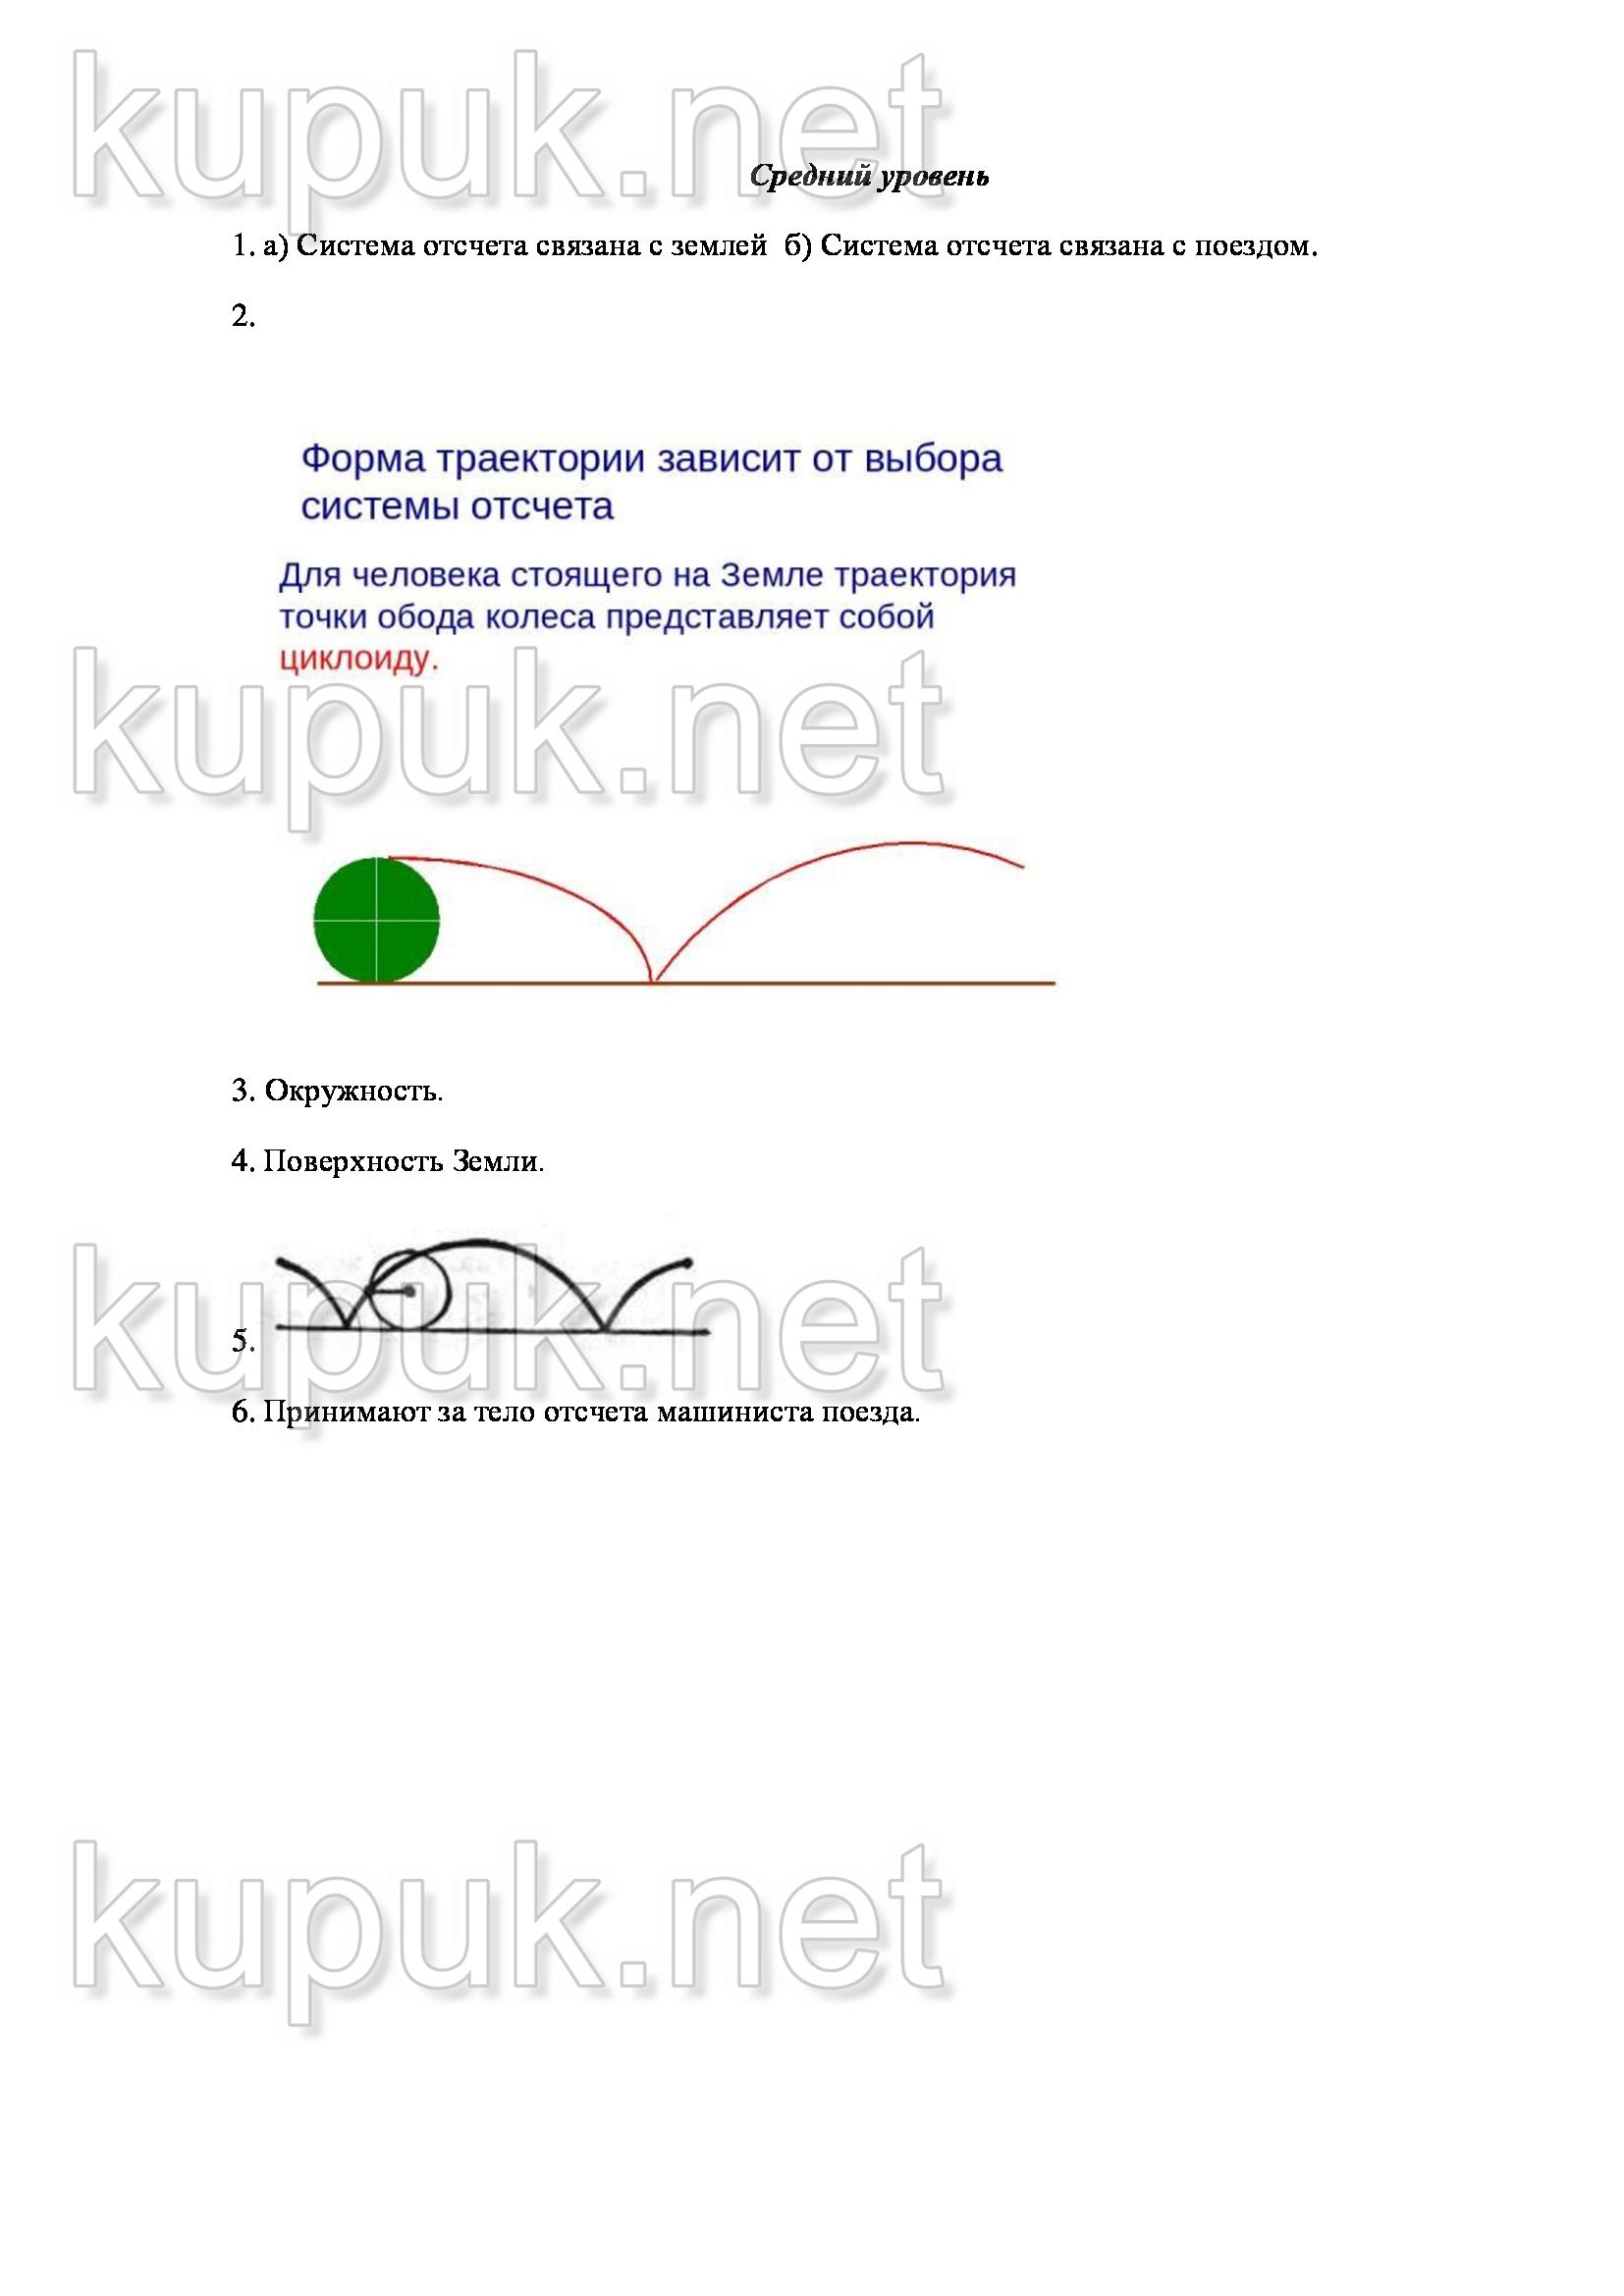 Изобразите схематически траекторию движения точек 273